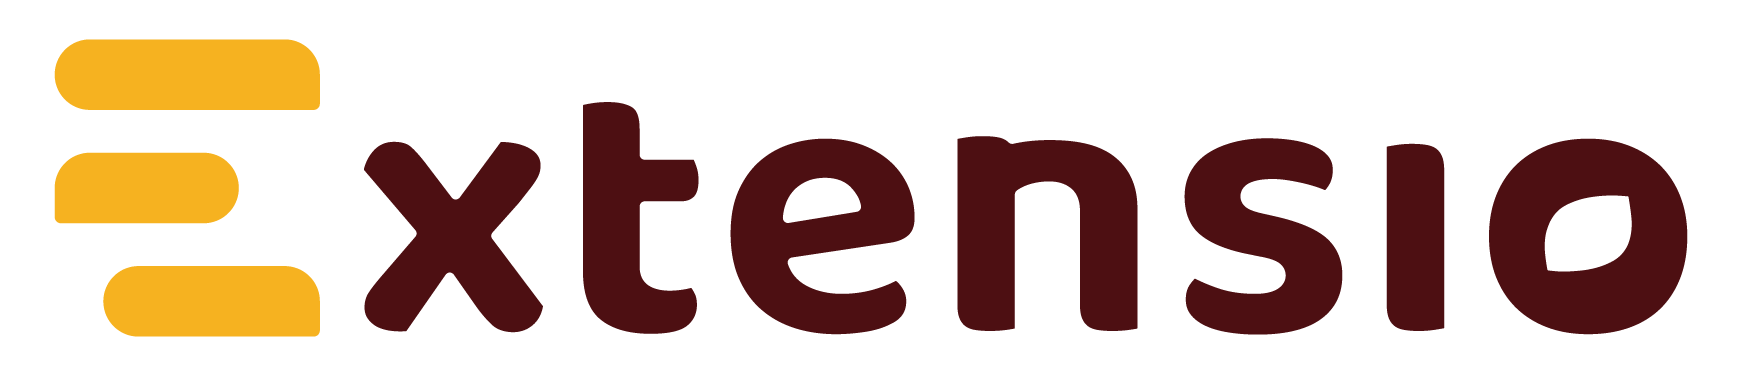 Logotipo nuevo Extensio-01.png